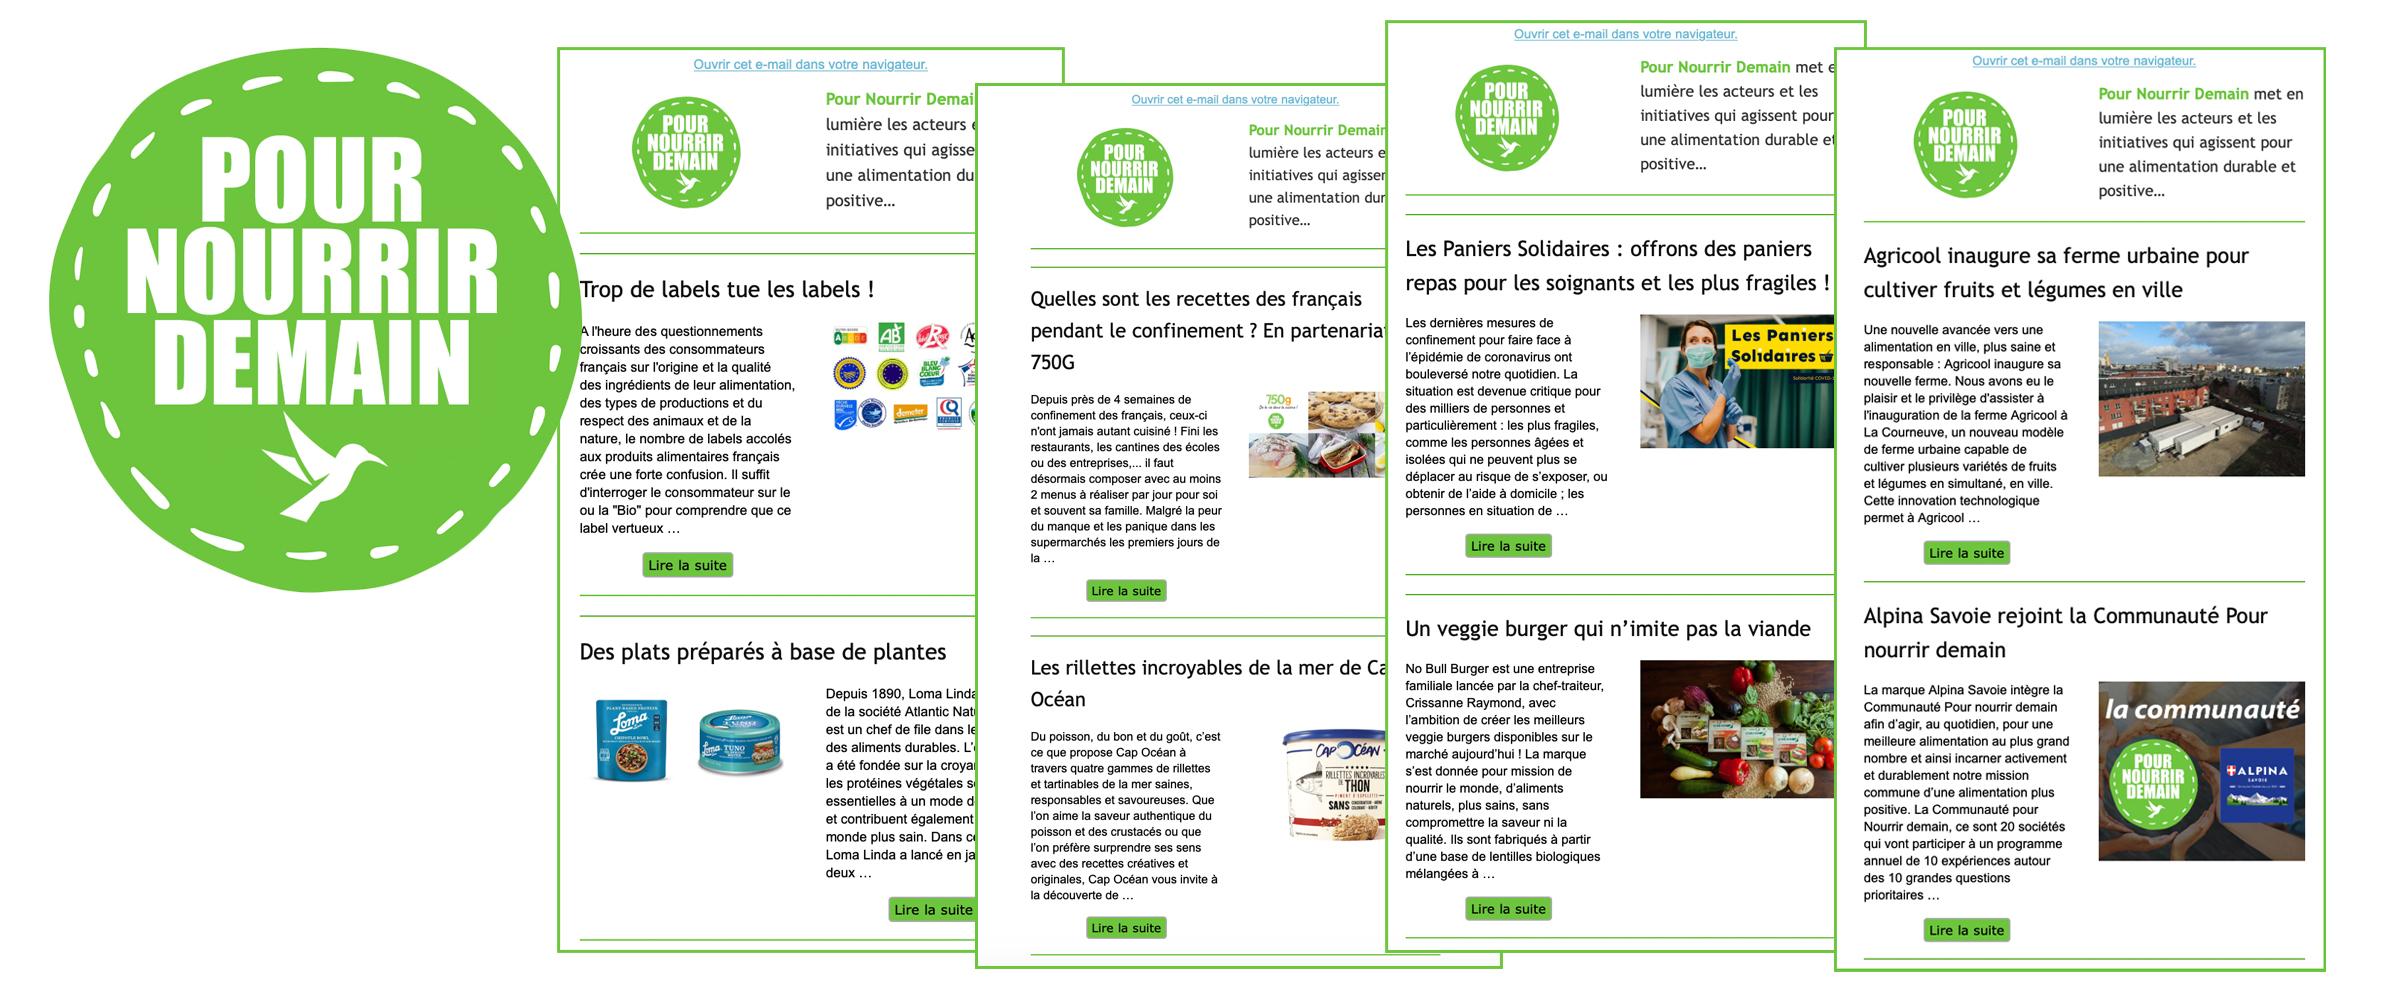 media pour nourrir demain - Abonnez-vous gratuitement à la lettre d'information Pour nourrir demain